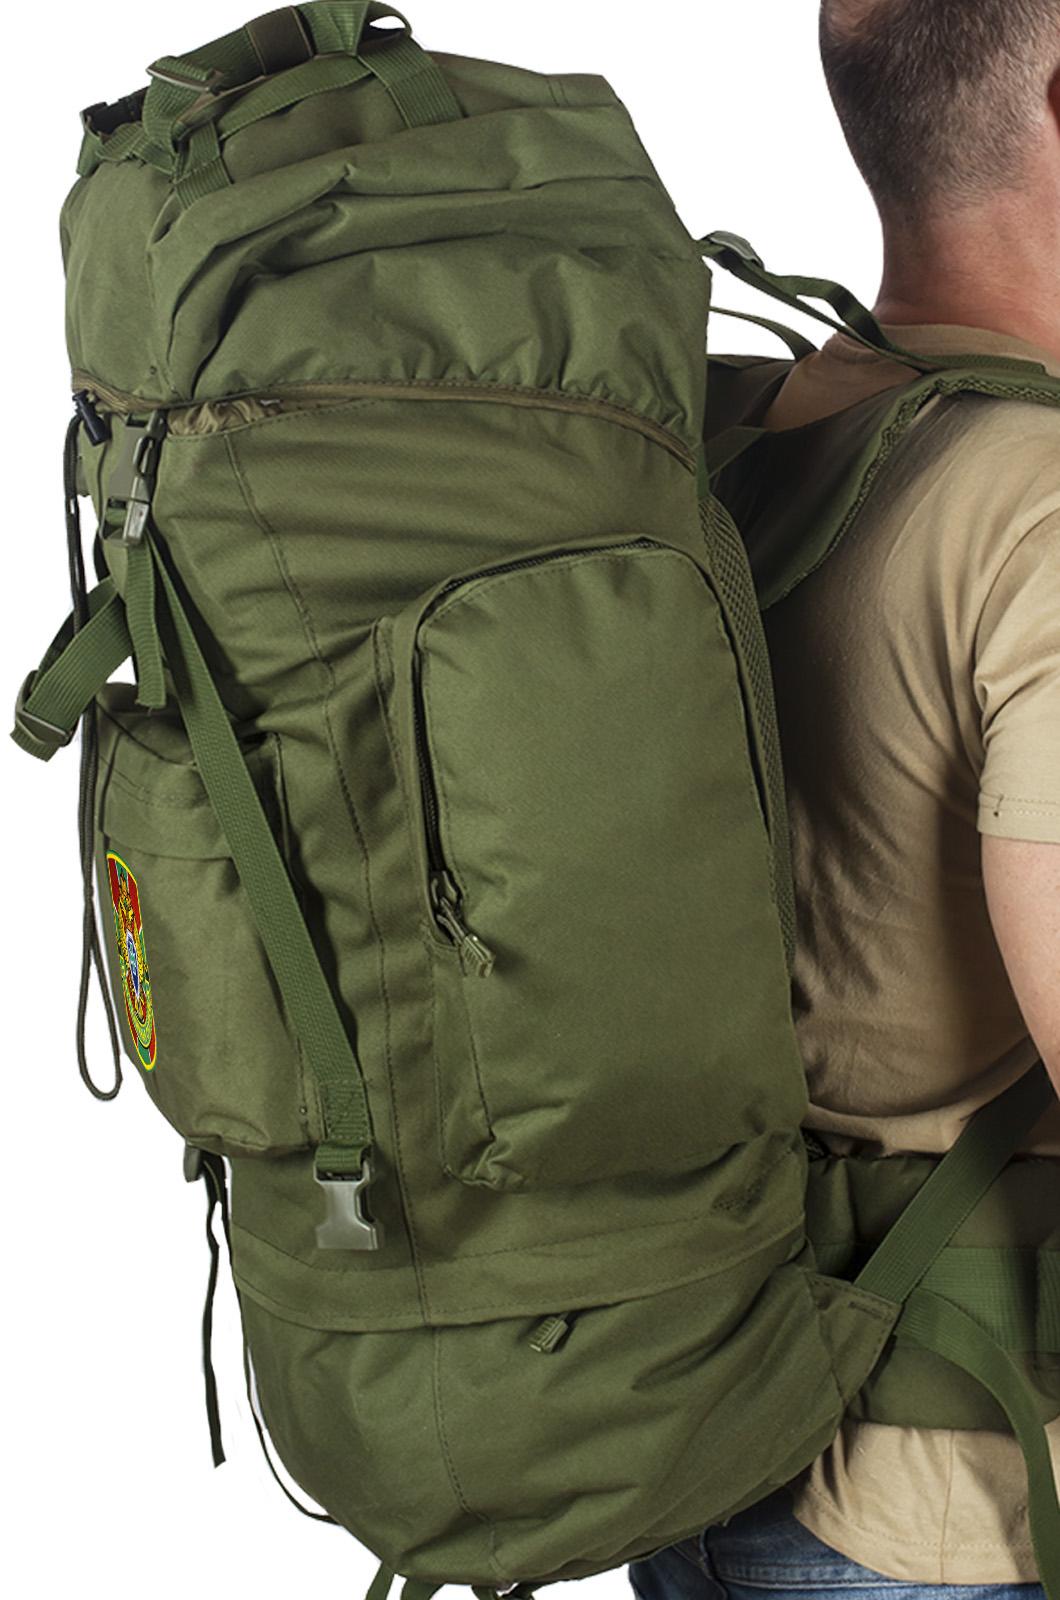 Армейский тактический рюкзак с в нашивкой Пограничной службы - заказать оптом